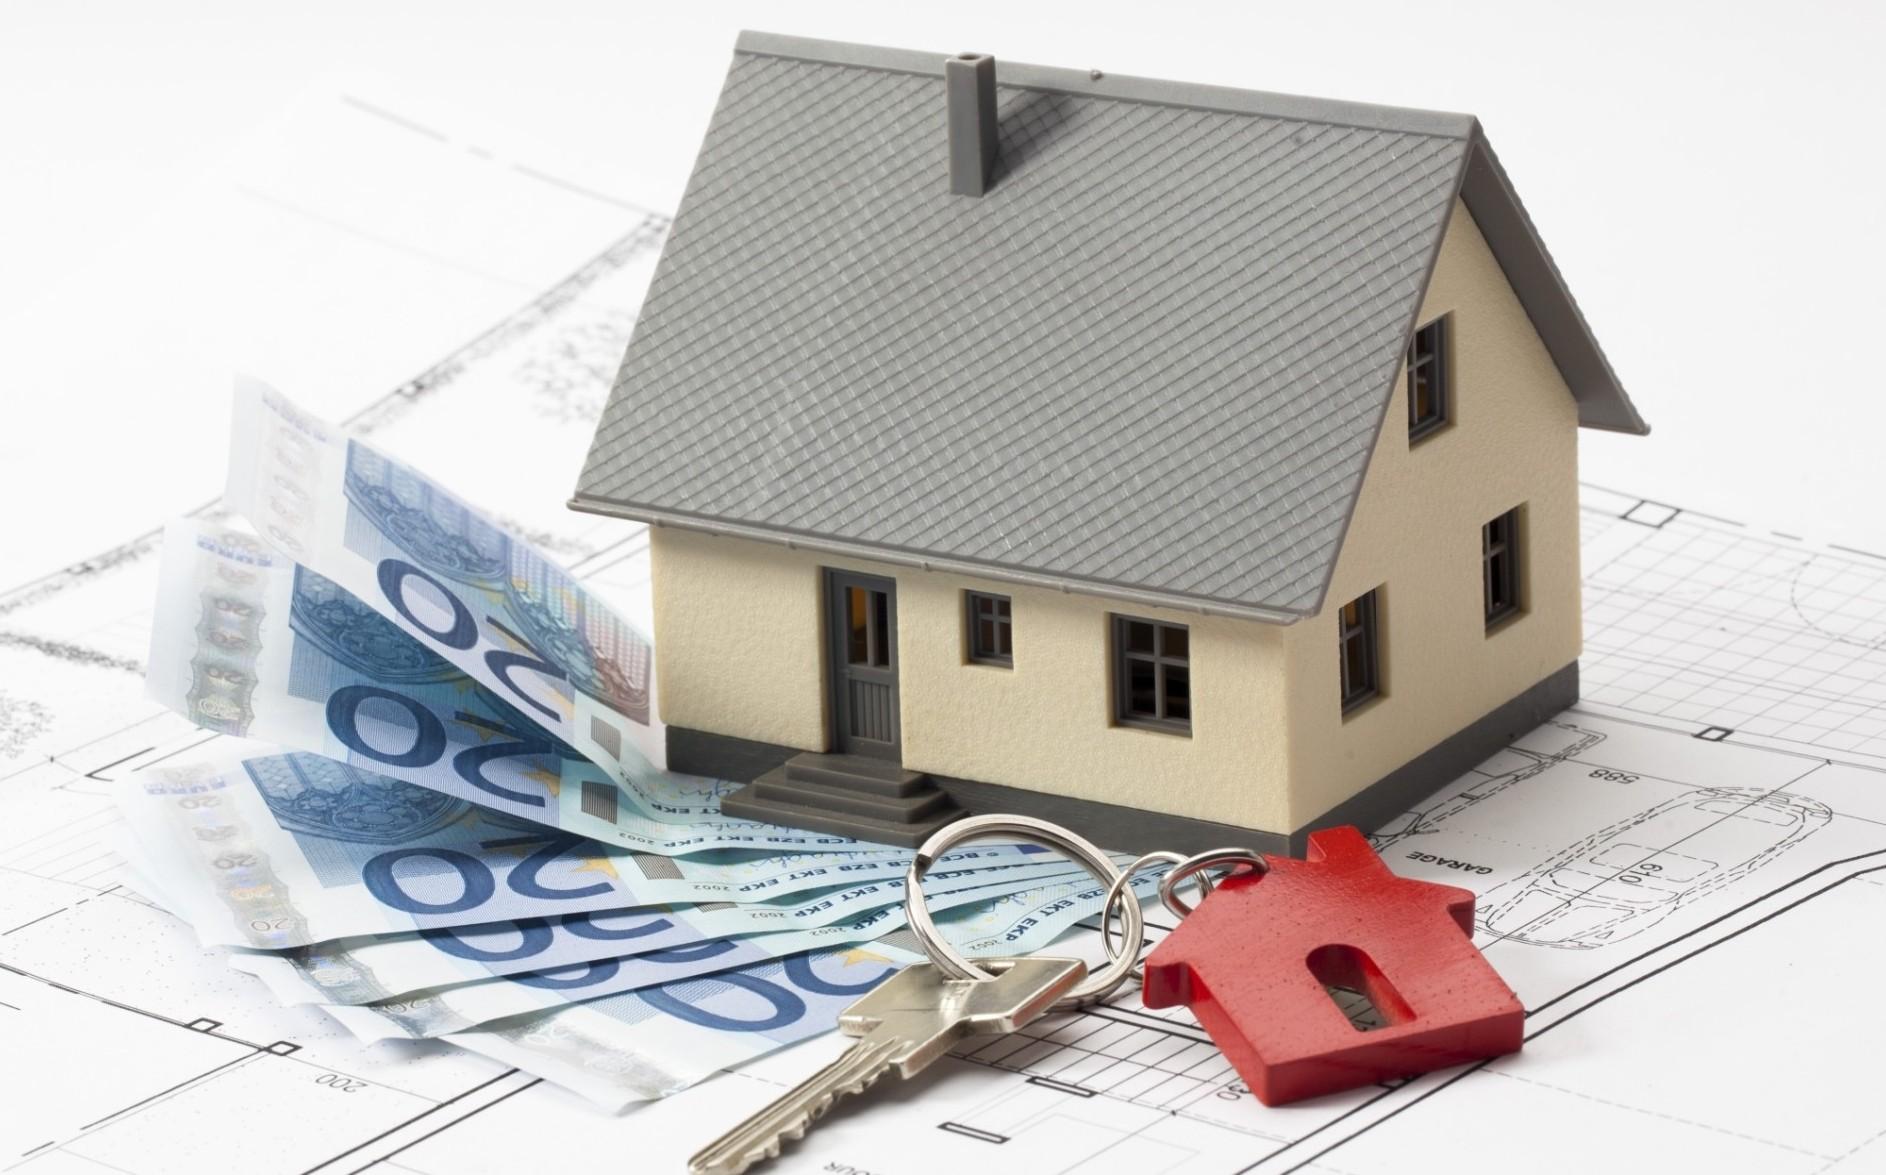 Mutui a tasso variabile migliori Ottobre